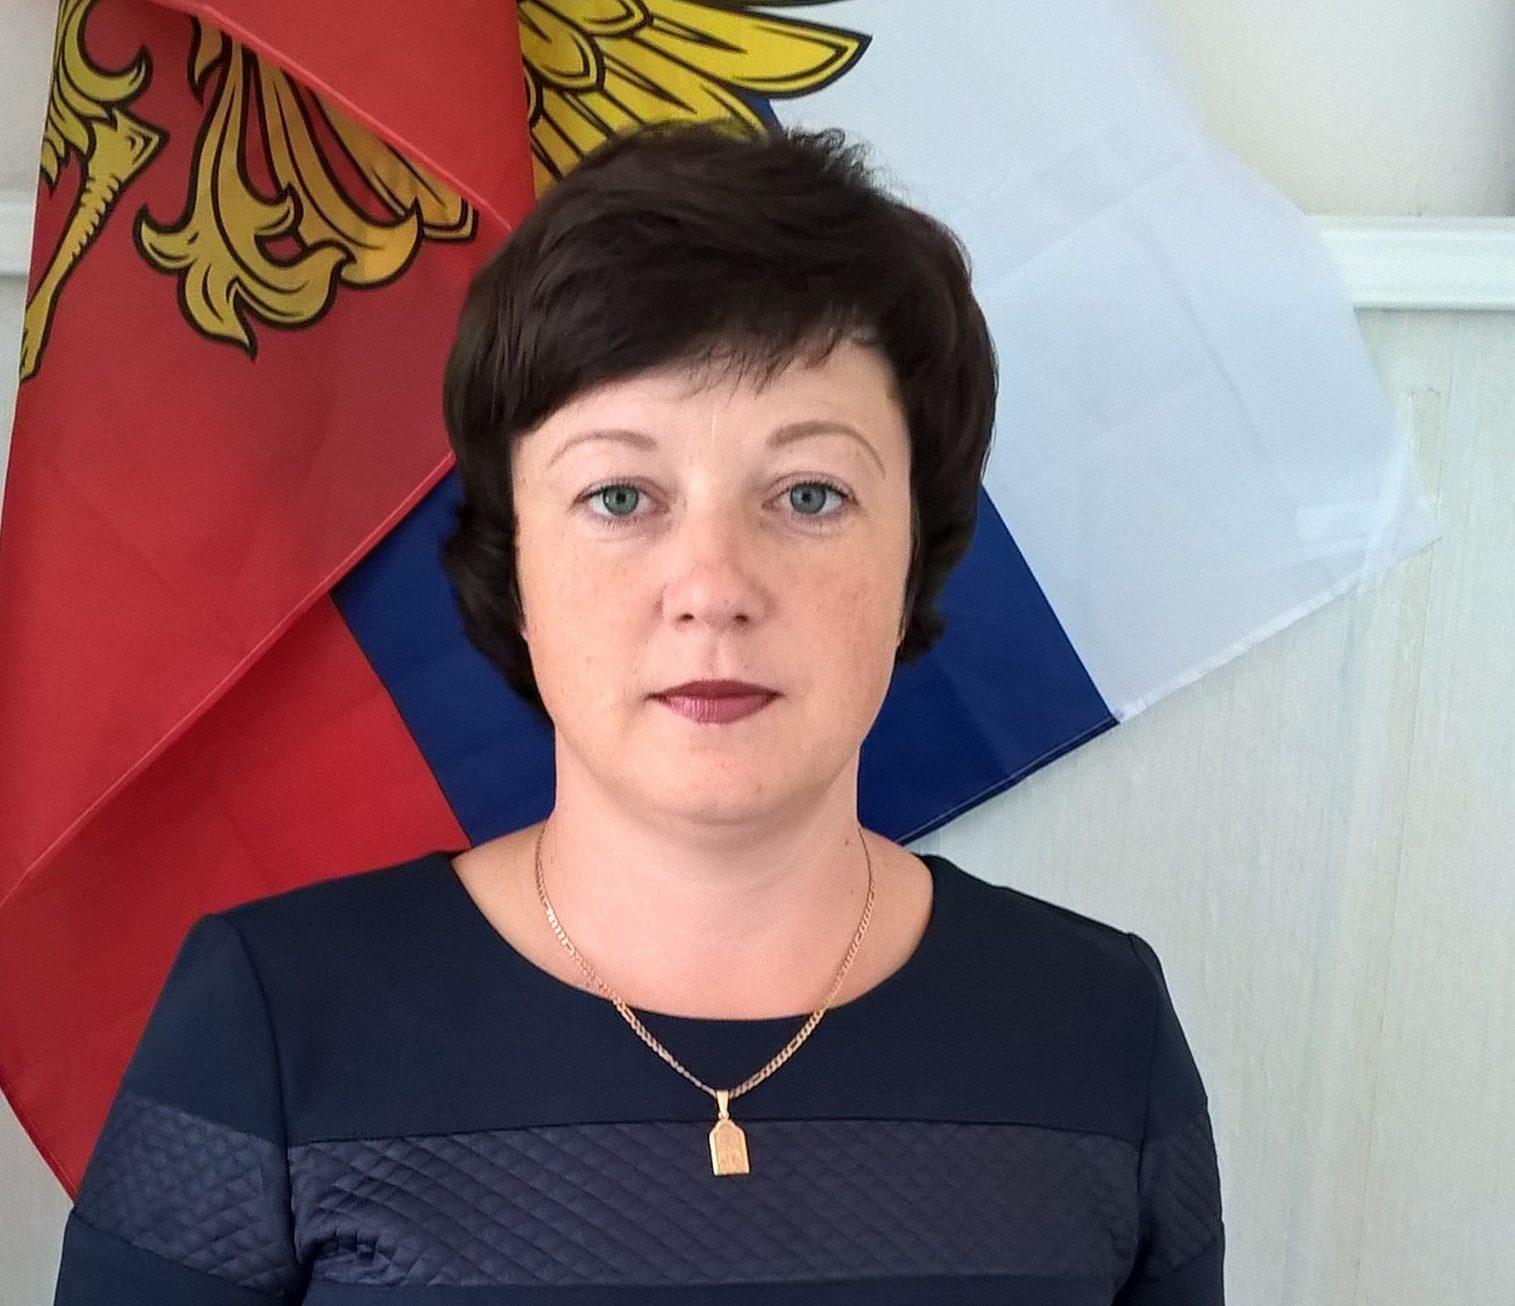 Галина Ковалева: Хотелось бы, чтобы региональные программы поддержки в сфере занятости продолжали действовать и в следующем году